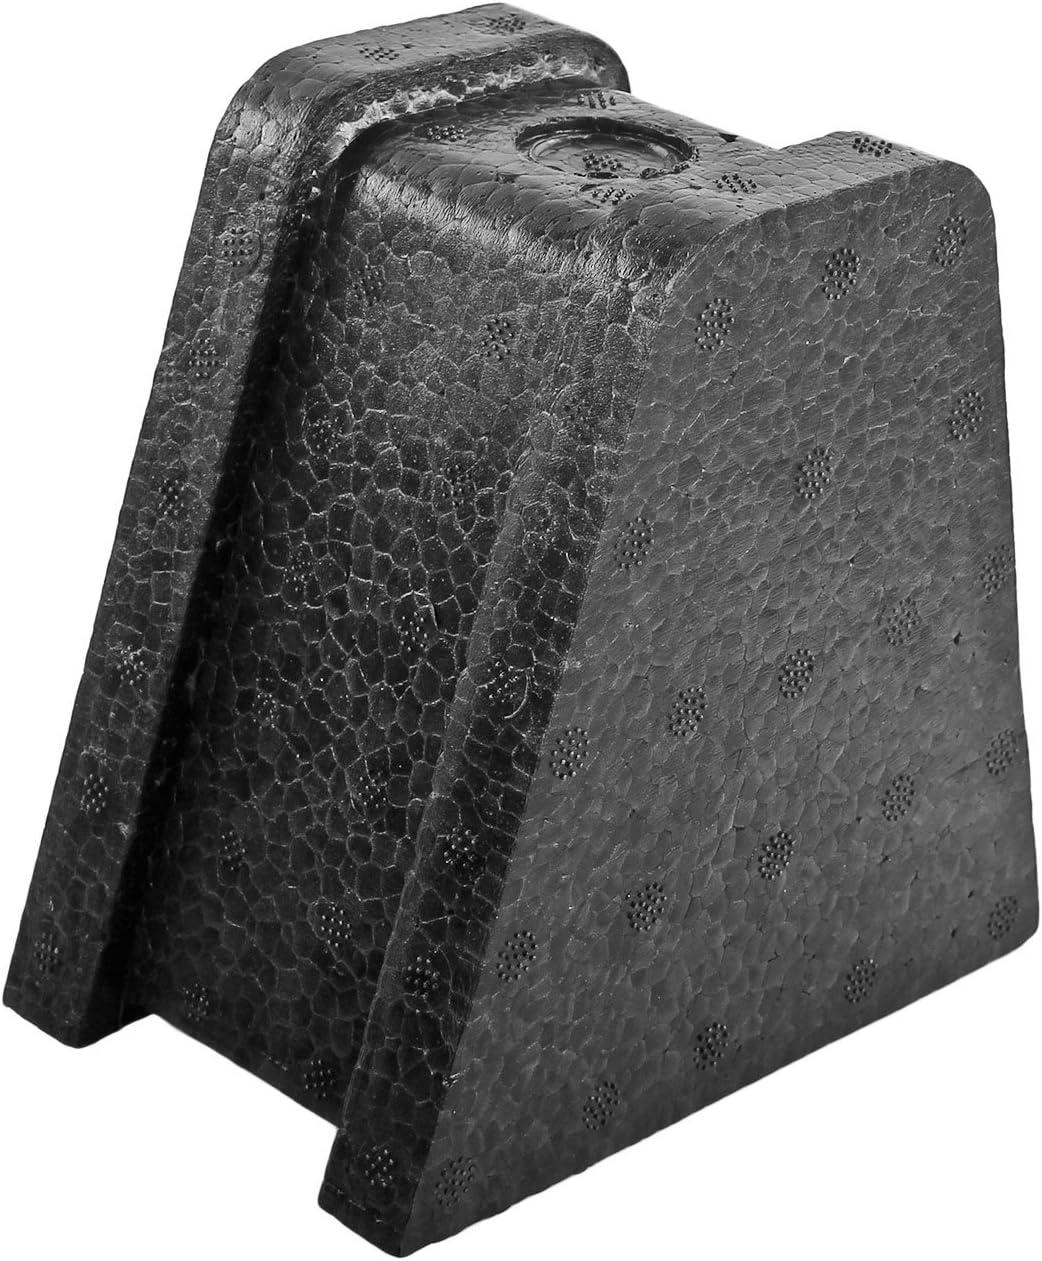 1 Wohnmobil Schutzd/ächer Spezial Styropor 12 cm x 12,5 cm x 7,5 cm 4 St/ück APT Abstandshalter f/ür Wohnwagen